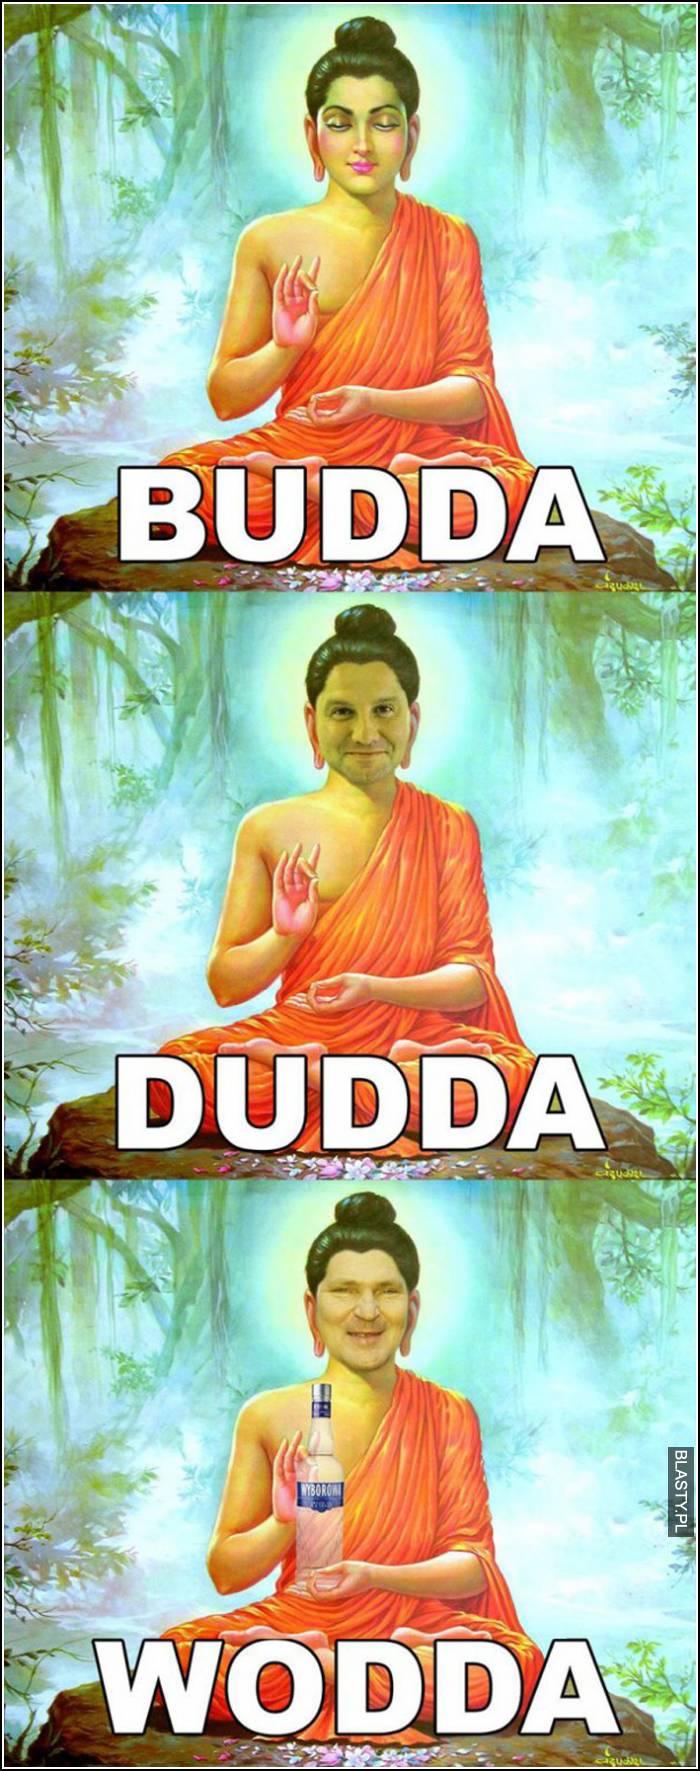 Budda, dudda i